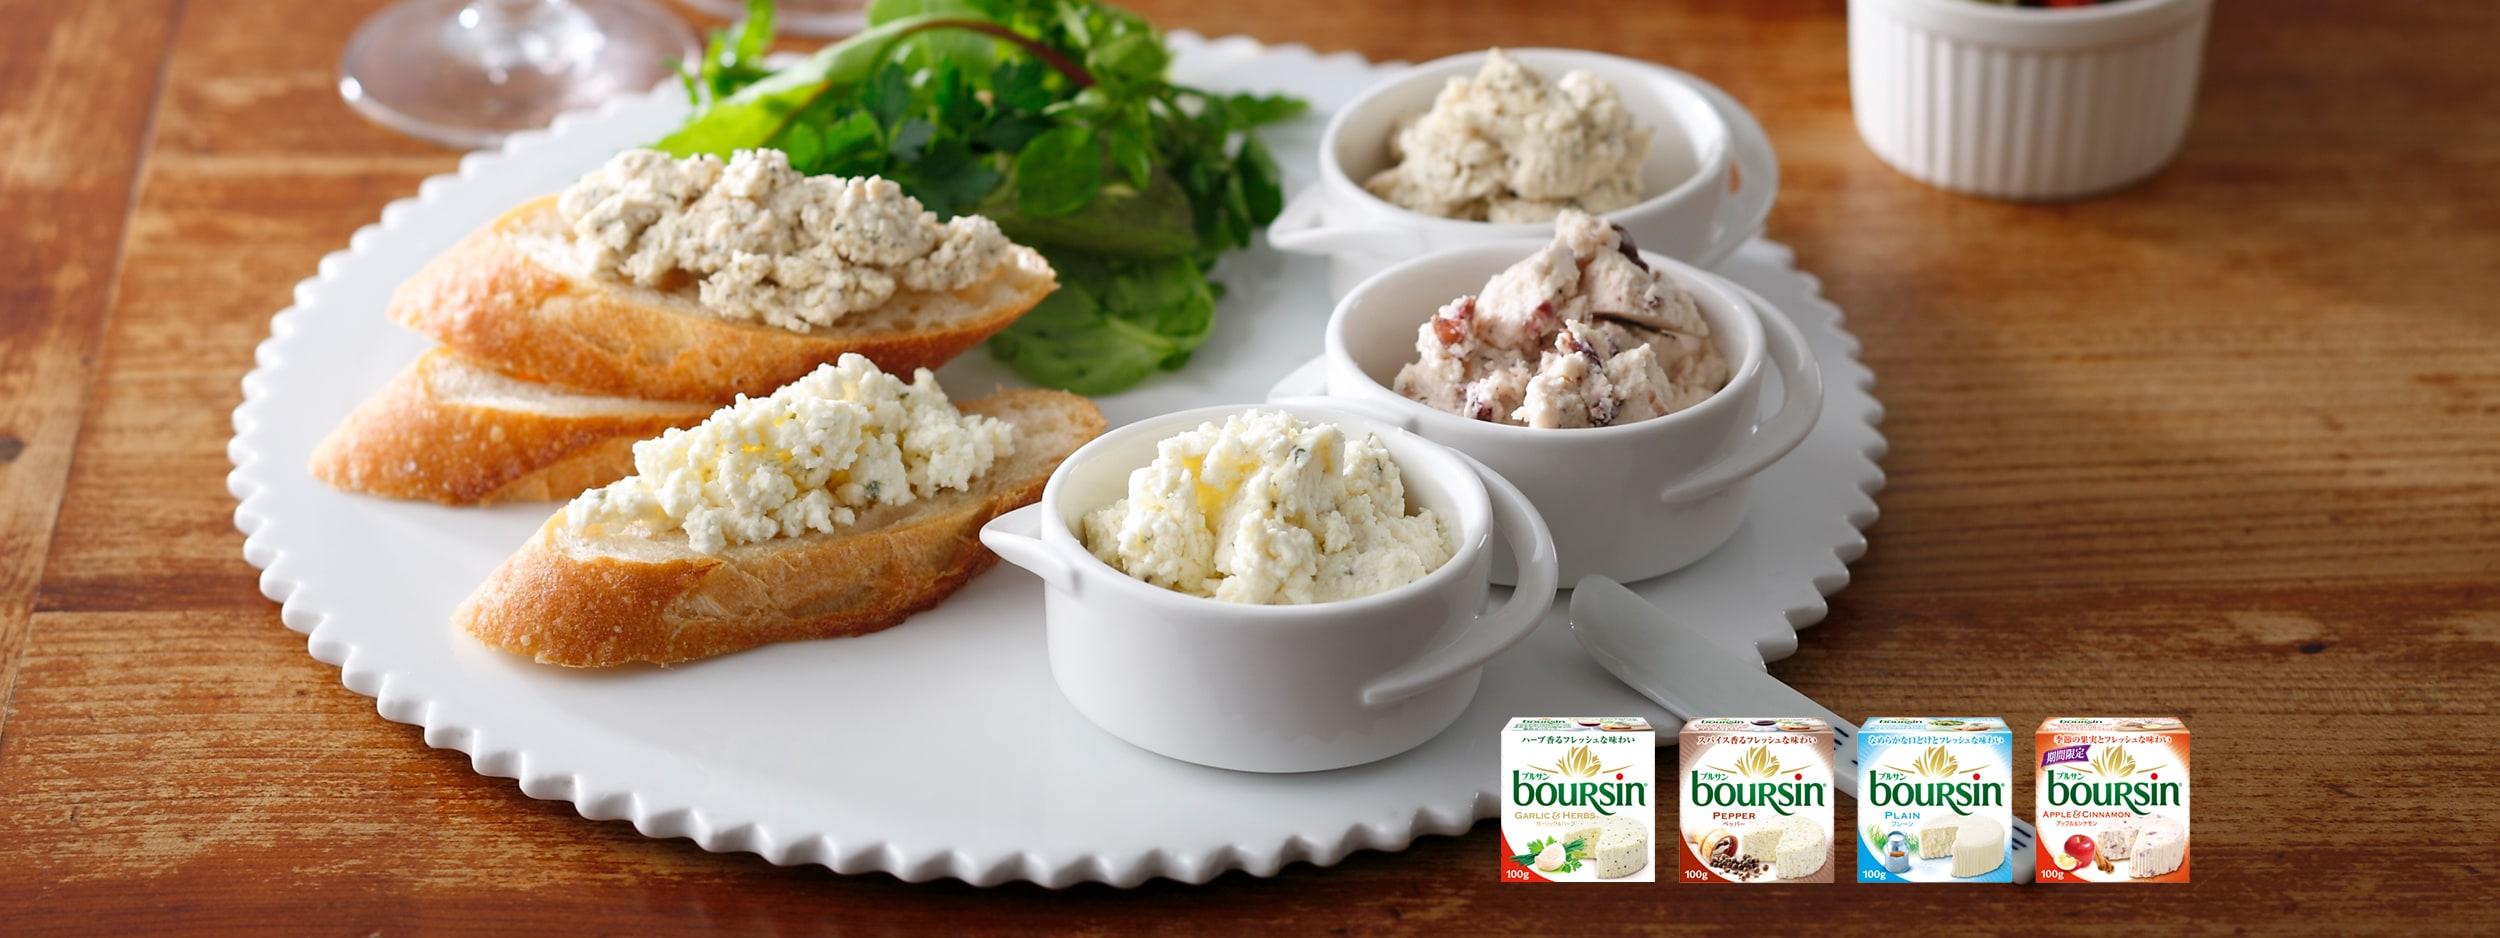 「チーズ x 旬の食材」で、チーズの新たな魅力をお届け!人気料理家のブルサンレシピリレー